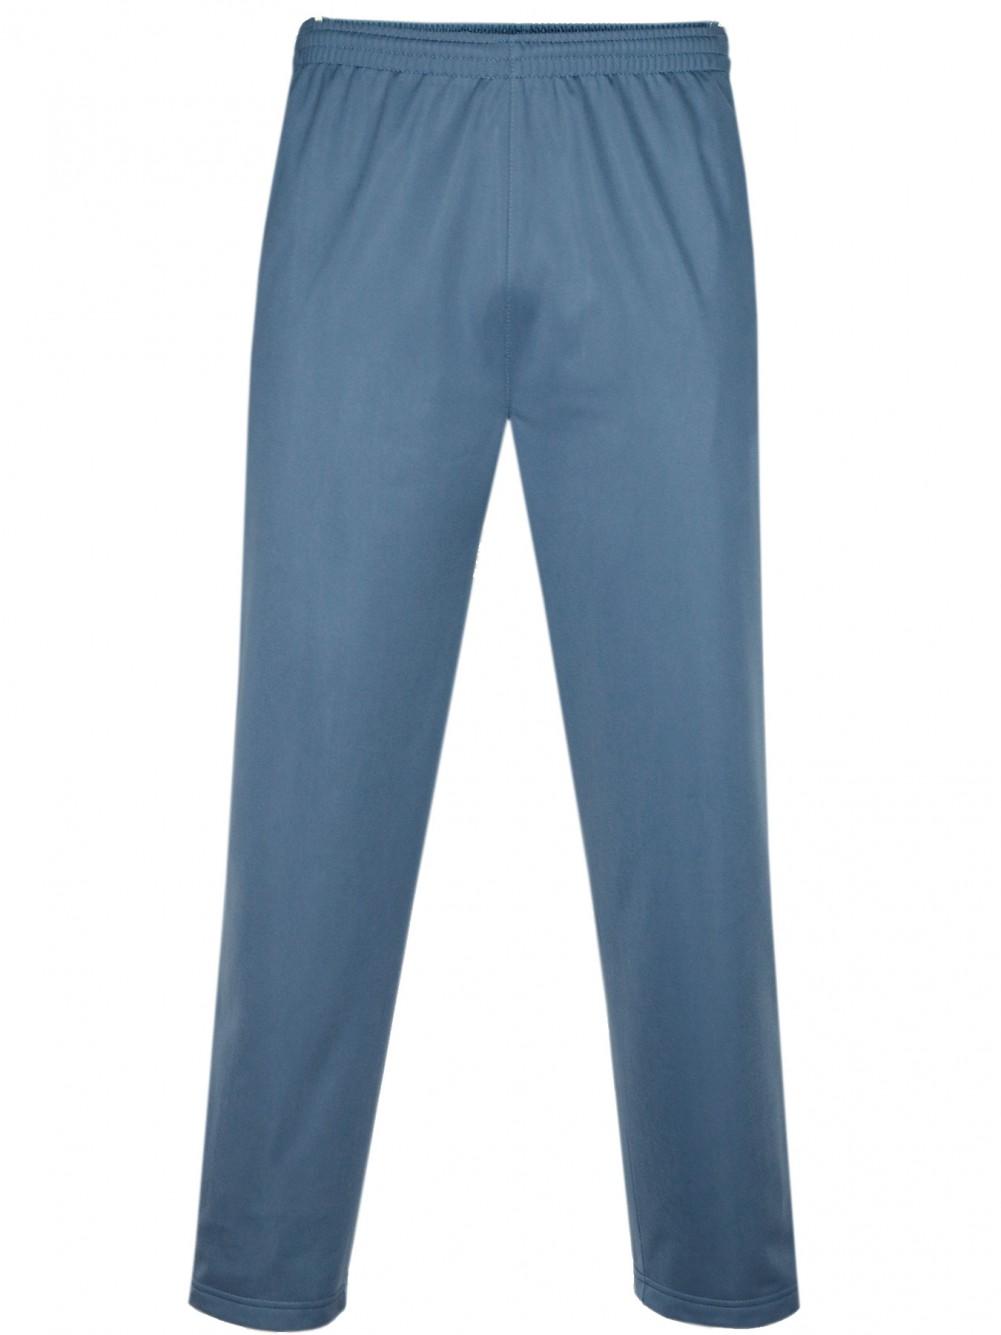 Herren Sporthose mit Seitenknopfleiste - Grau